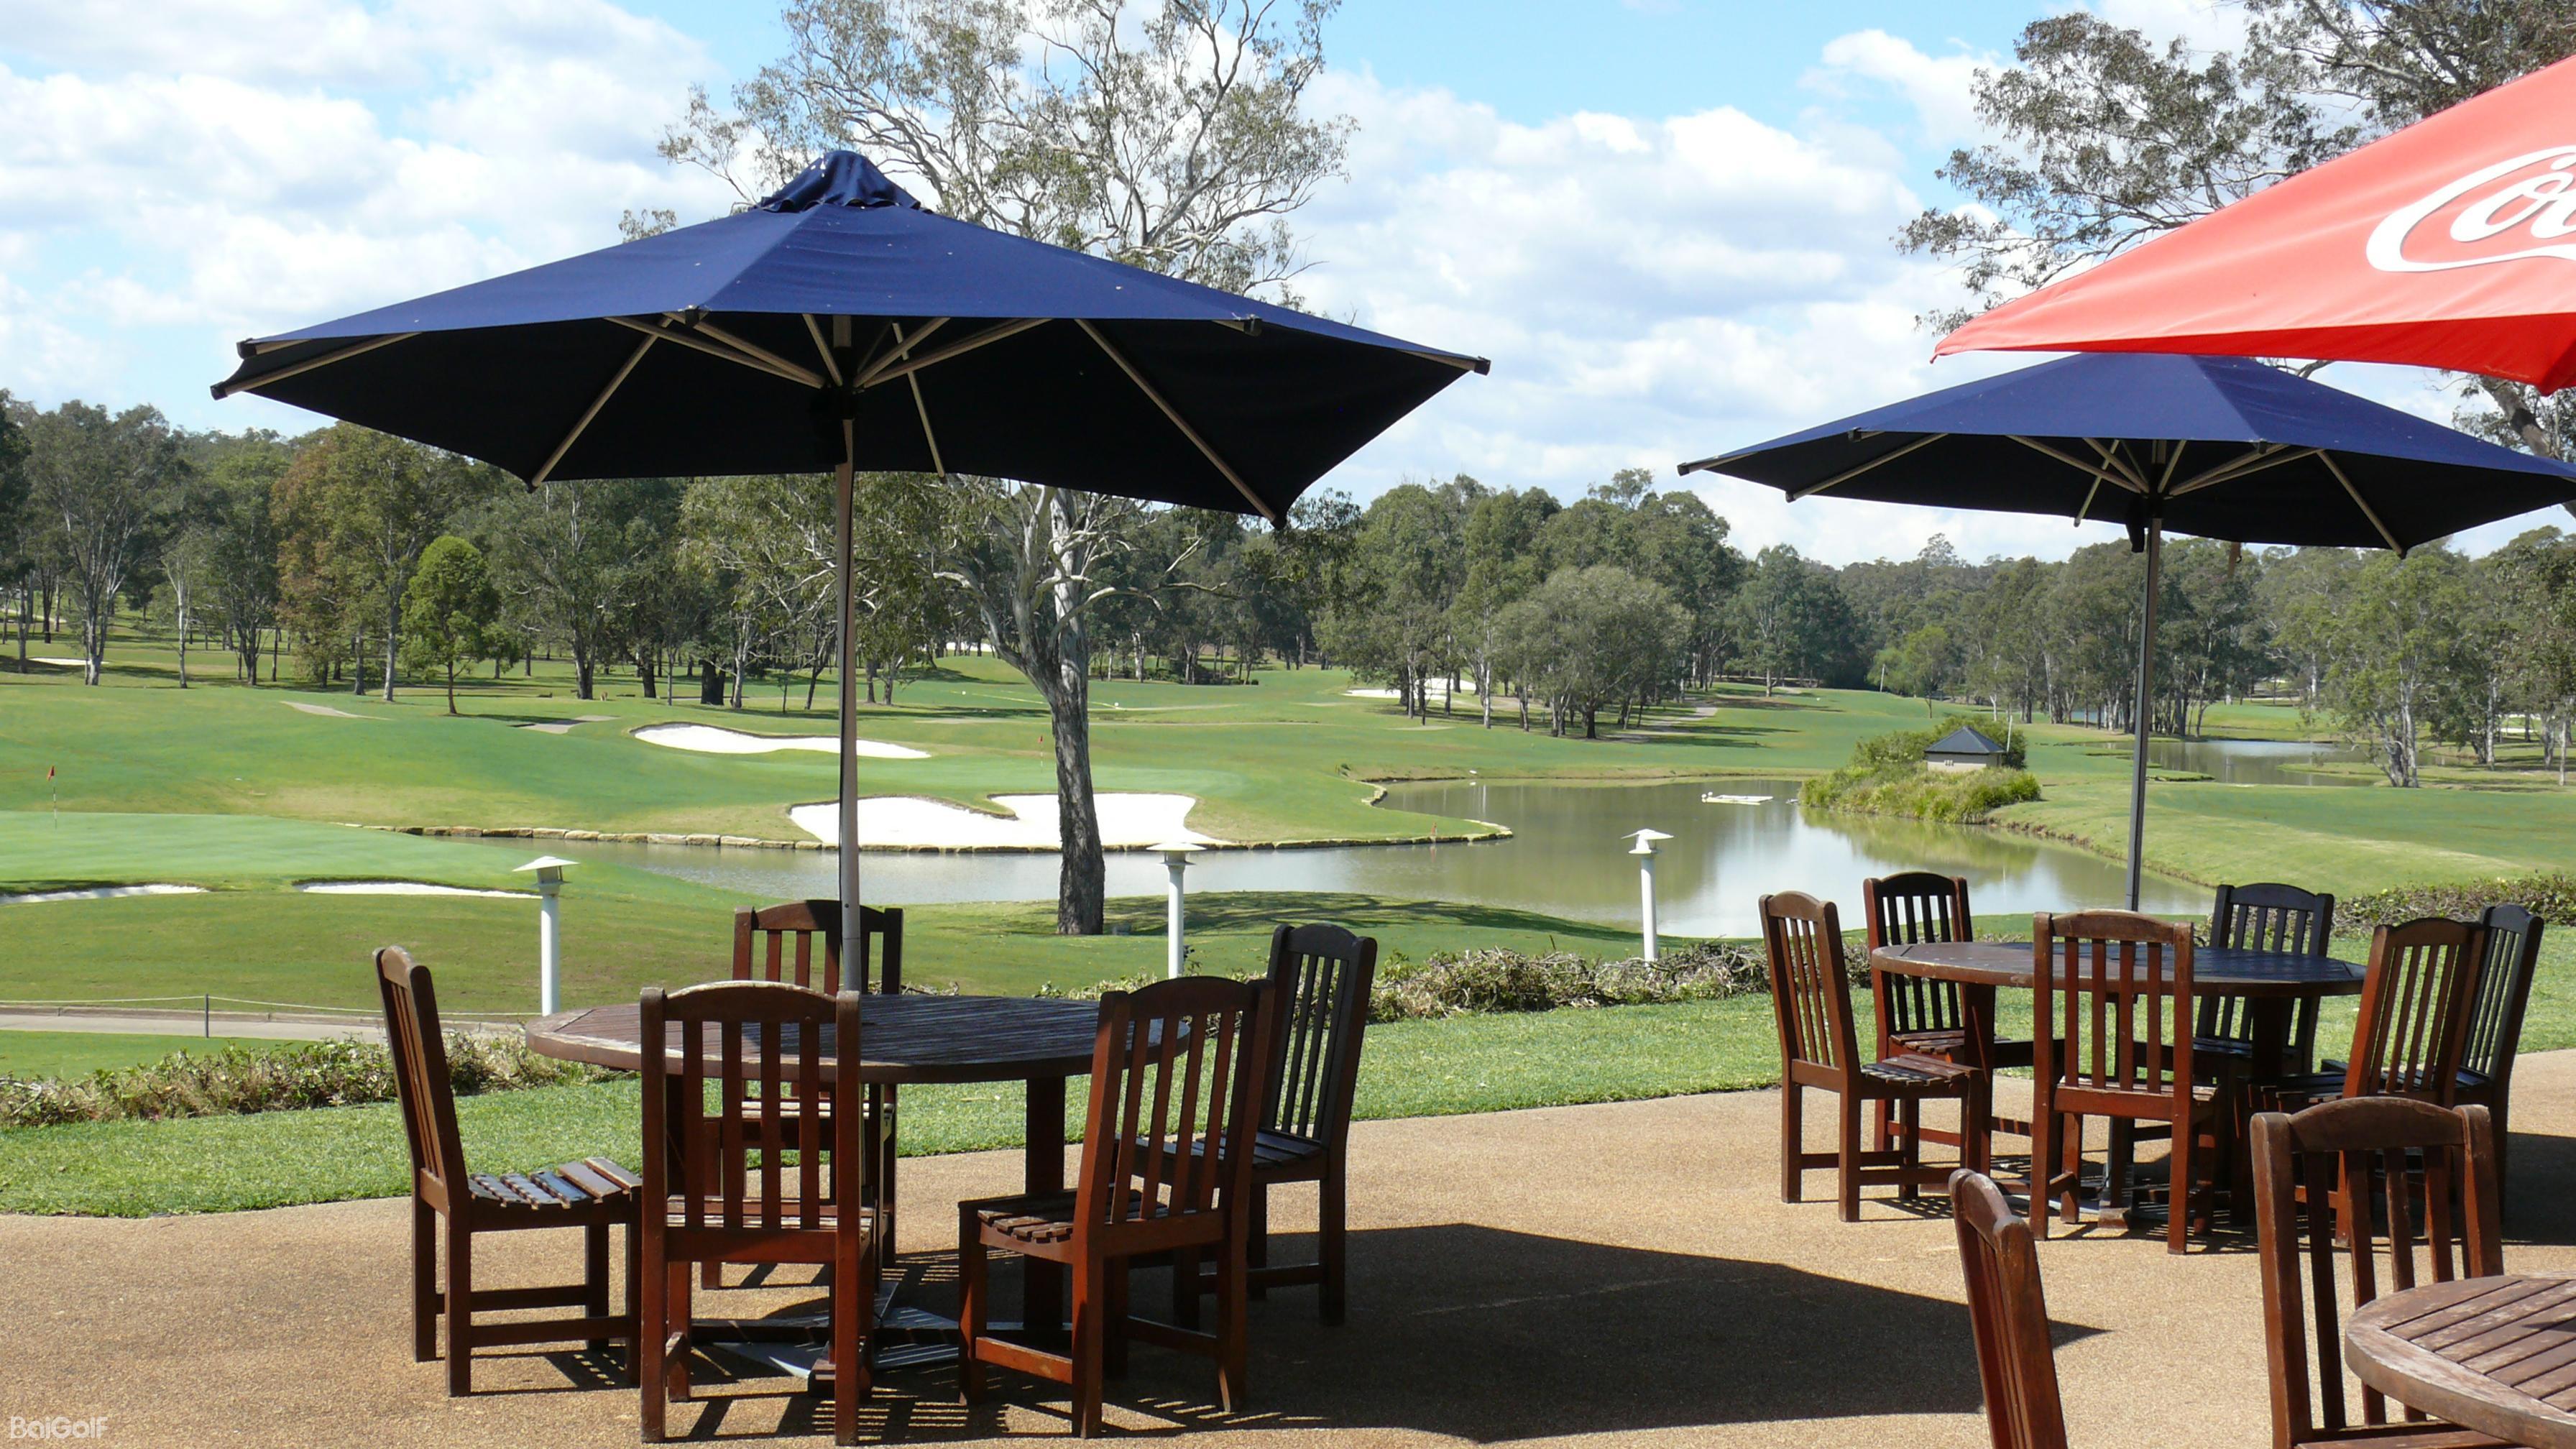 澳大利亚橡树河谷高尔夫青年训练营12日游